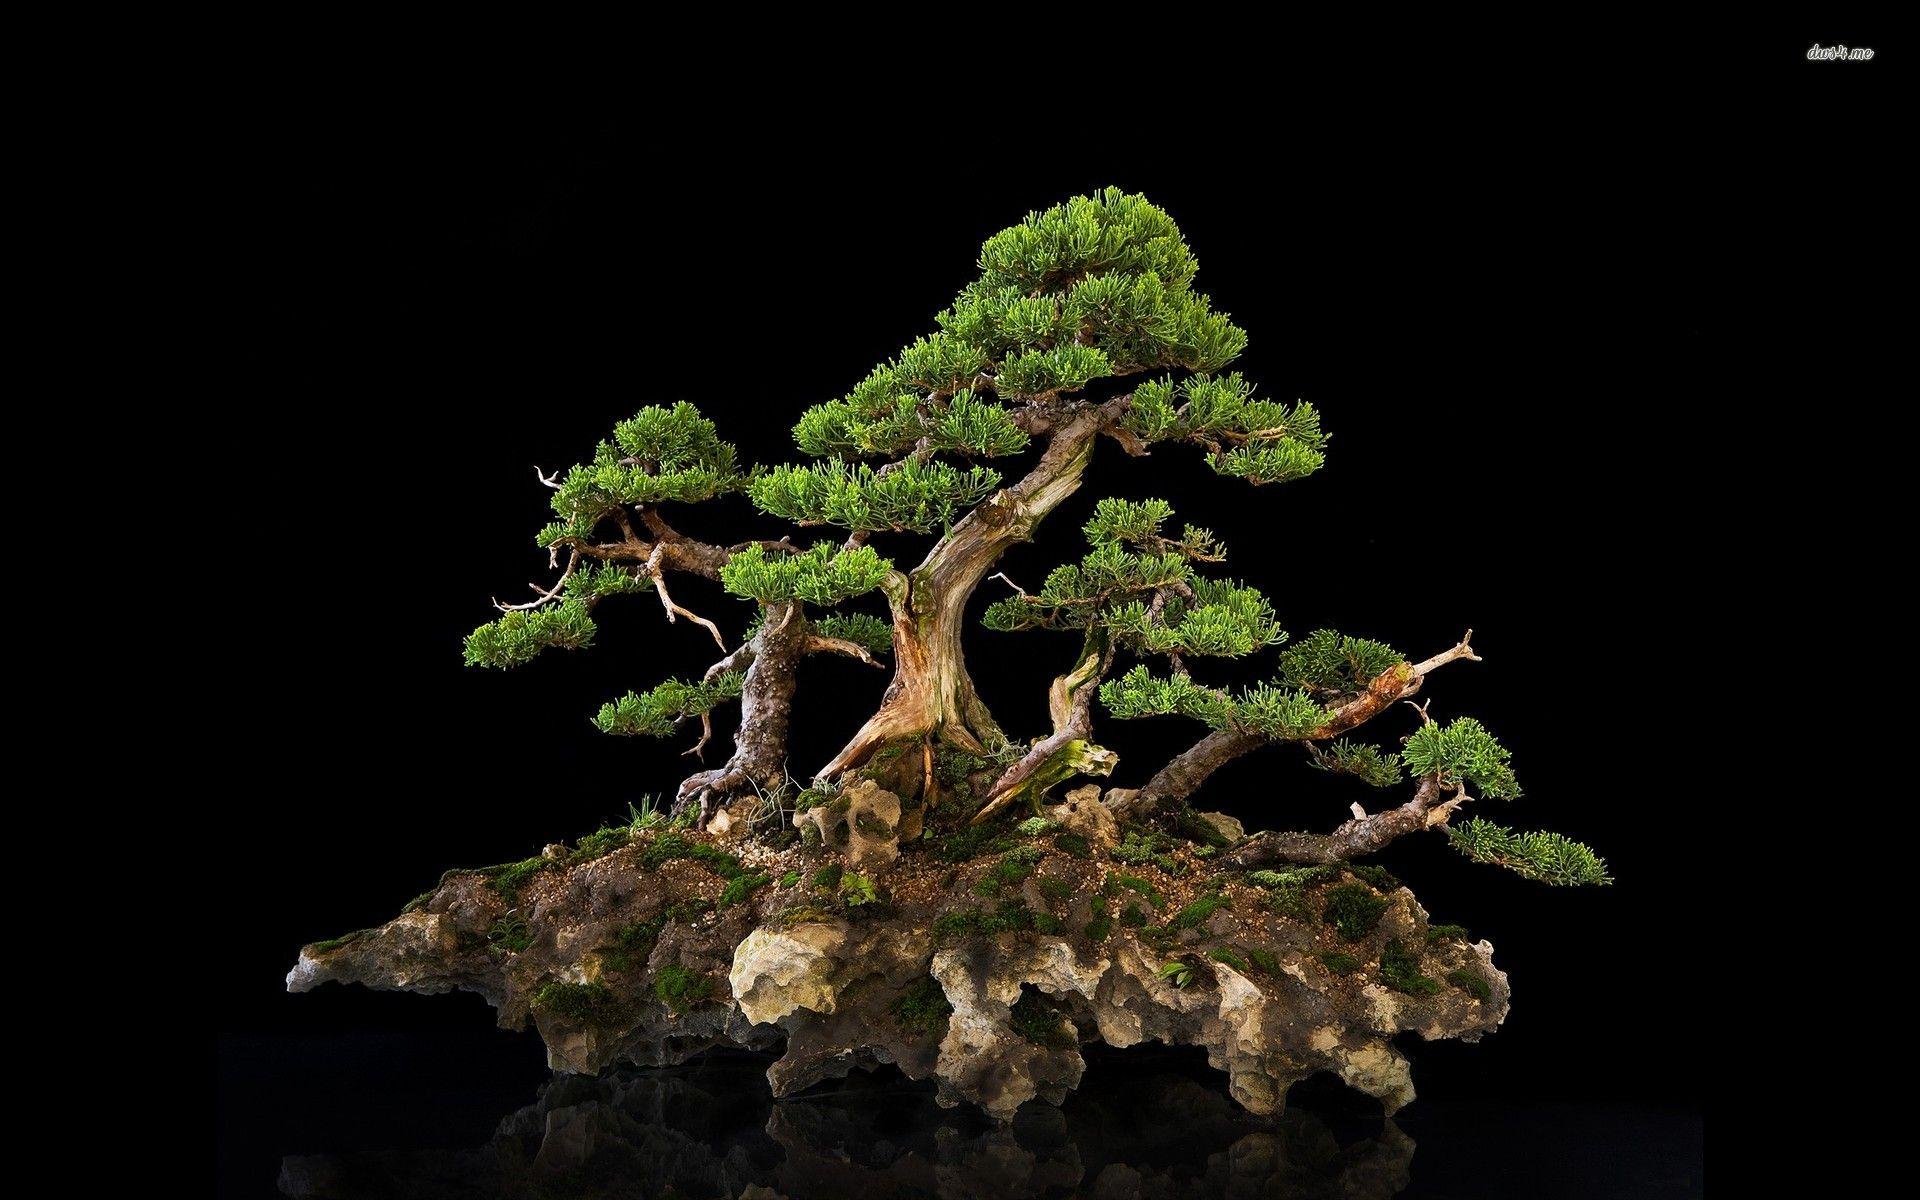 Bonsai Hd Wallpaper Bonsai Tree Care Bonsai Tree Juniper Bonsai